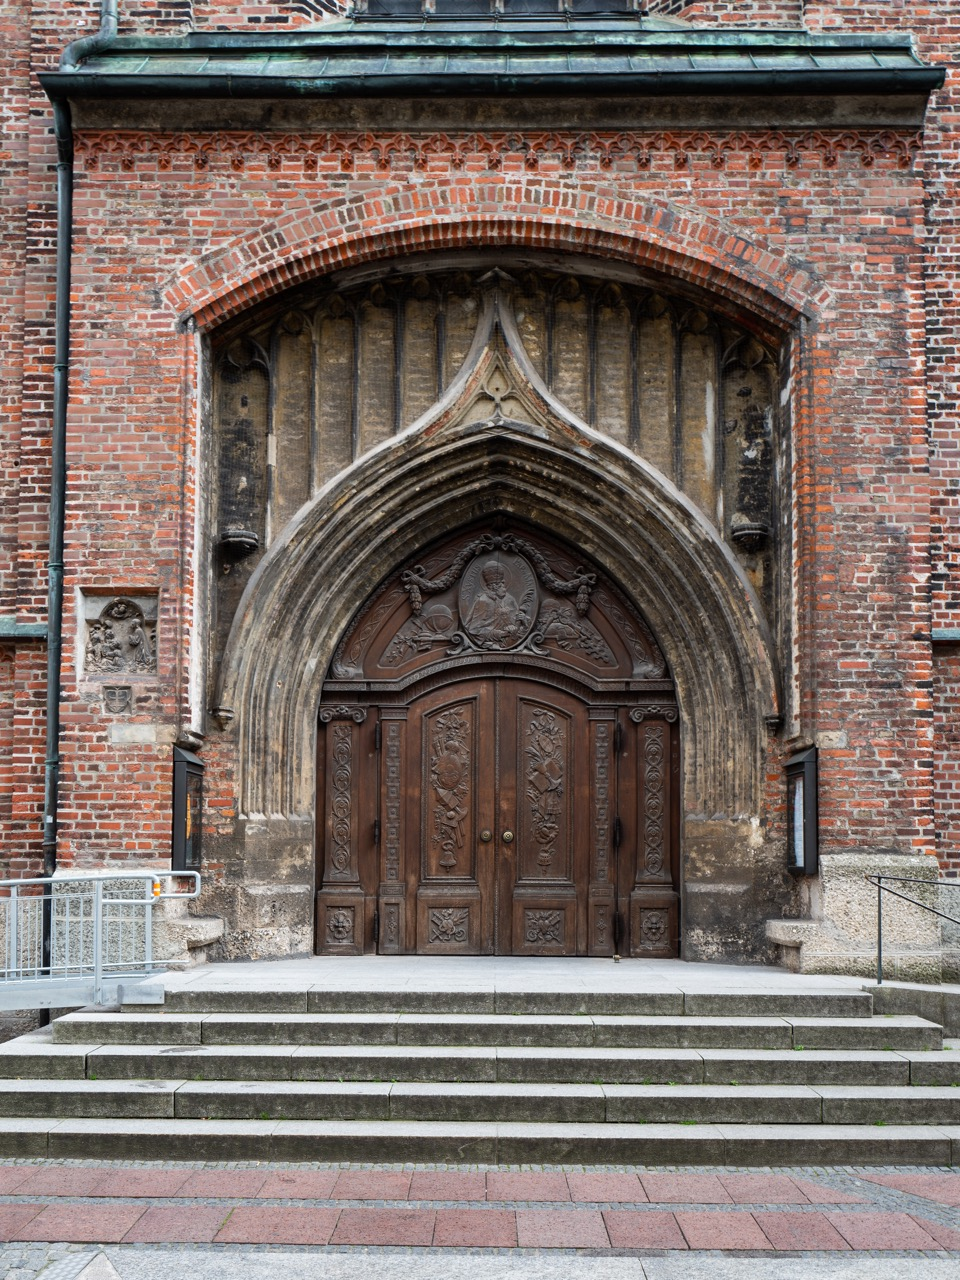 Nordwestportal mit Türrelief des hl. Sixtus (Ignaz Günther, 1772)